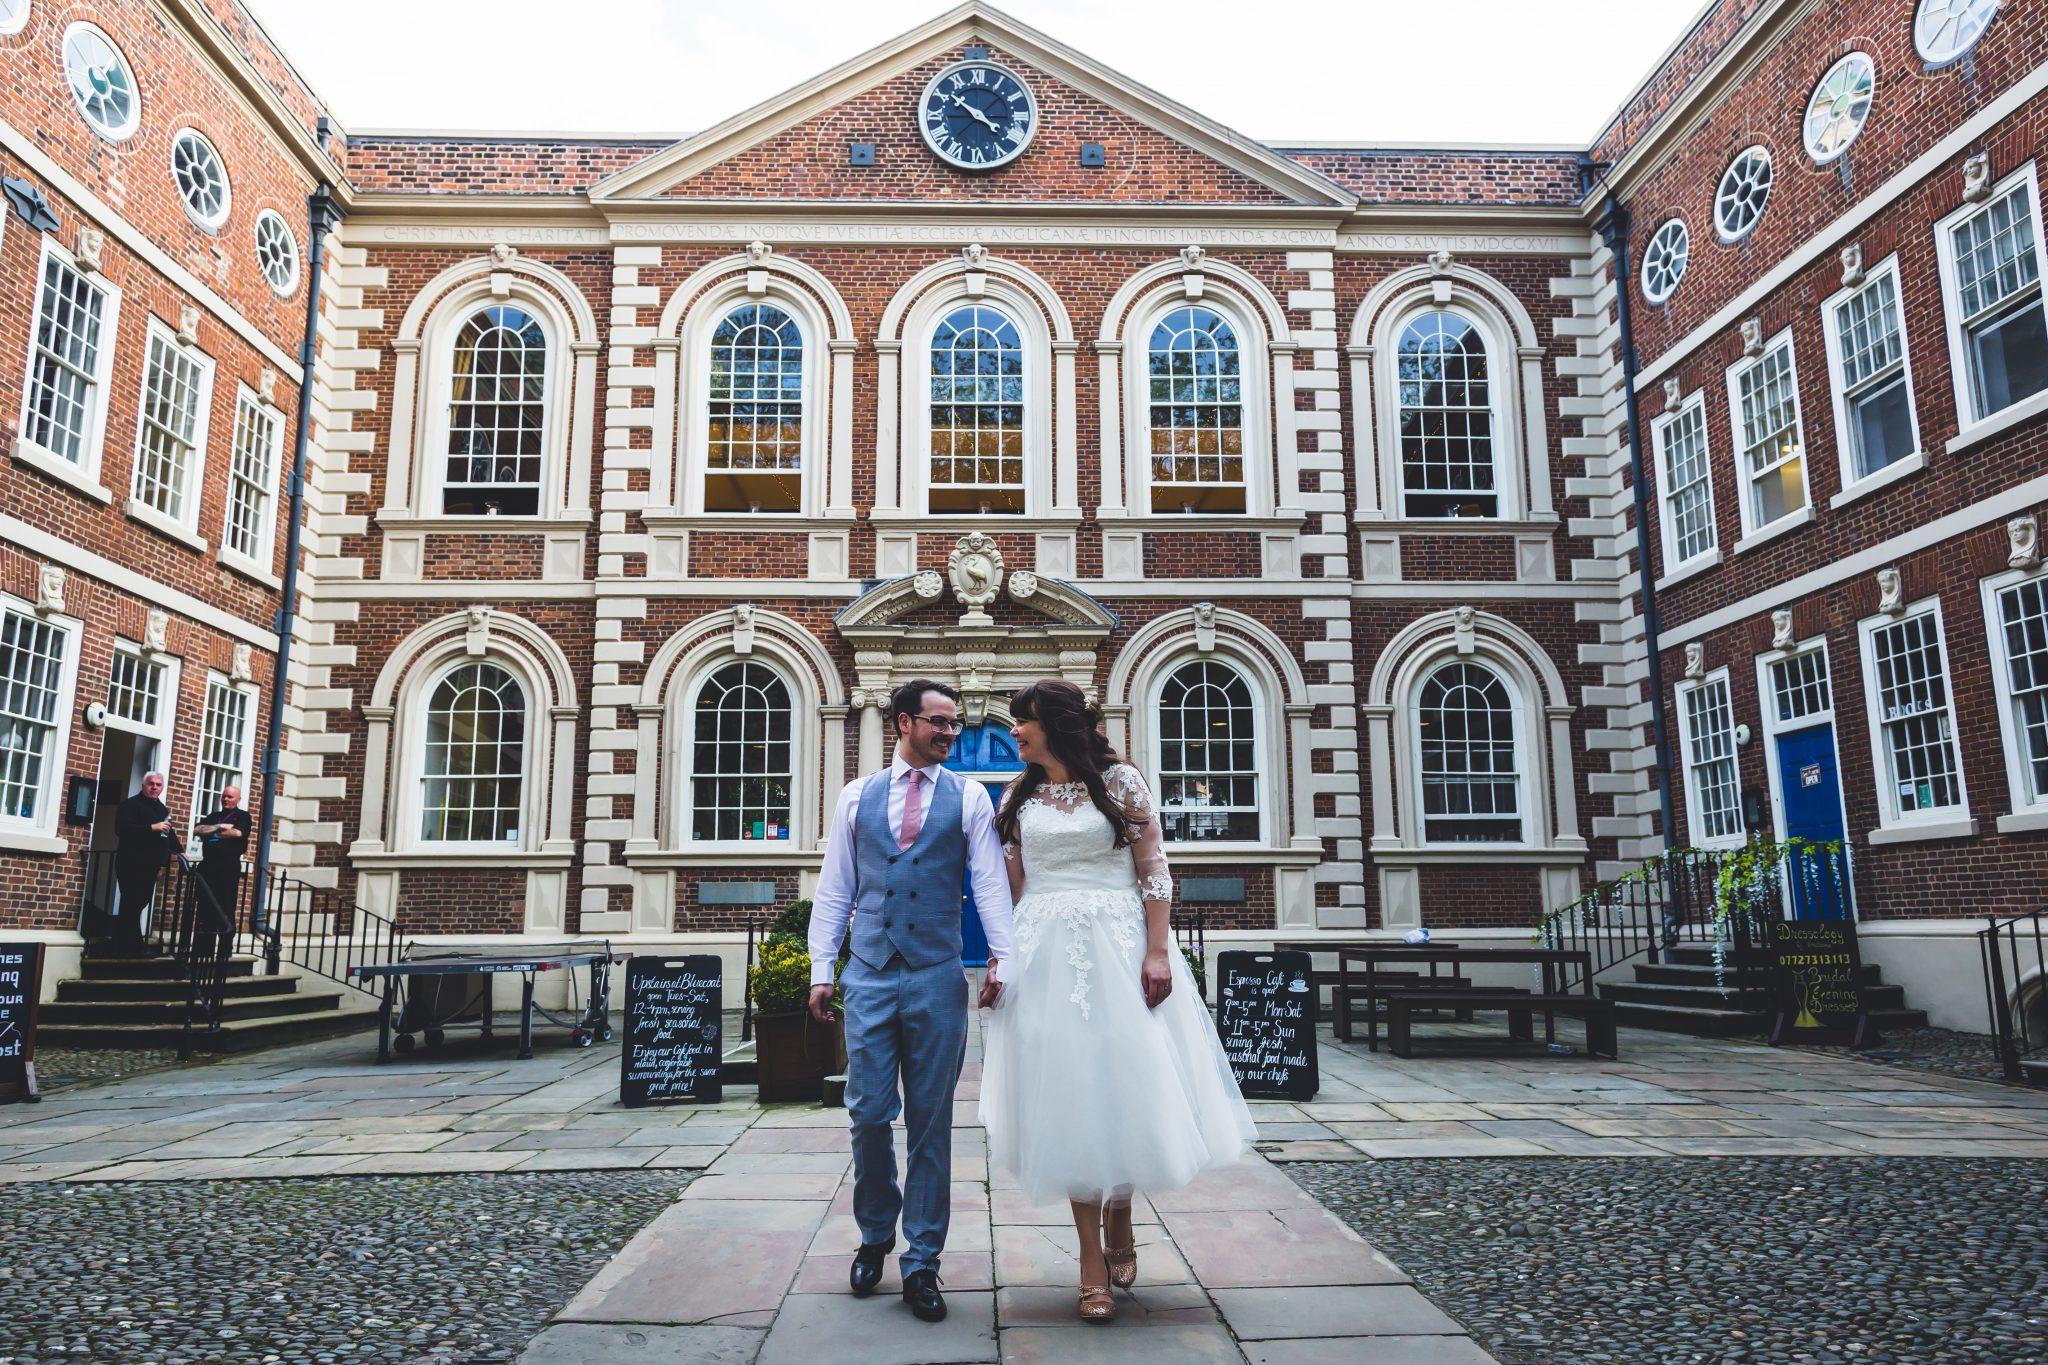 Bluecoat Chambers Wedding Liverpool -17